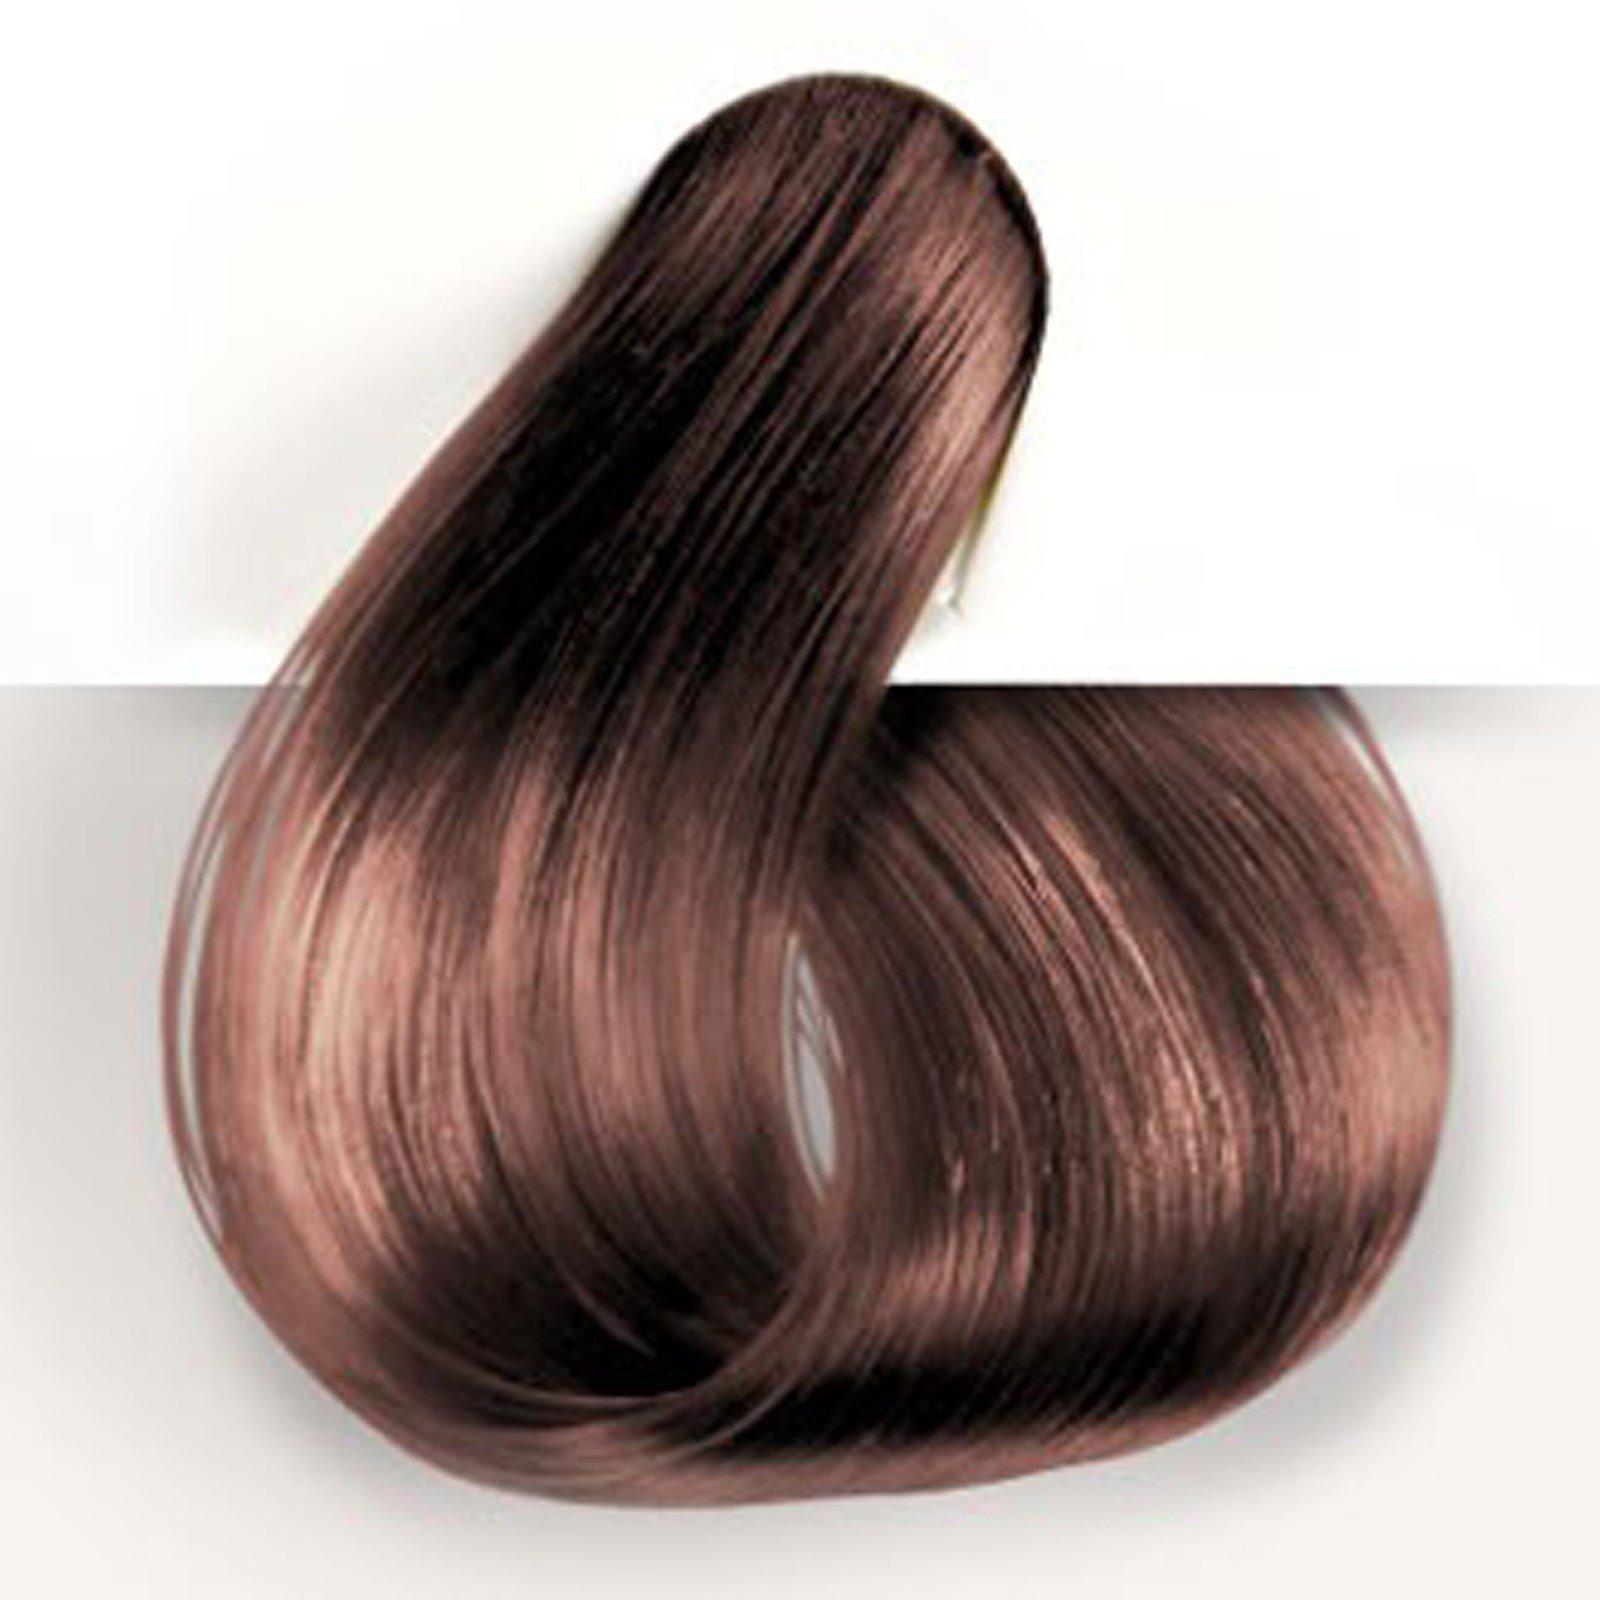 Medium Copper Hair Color